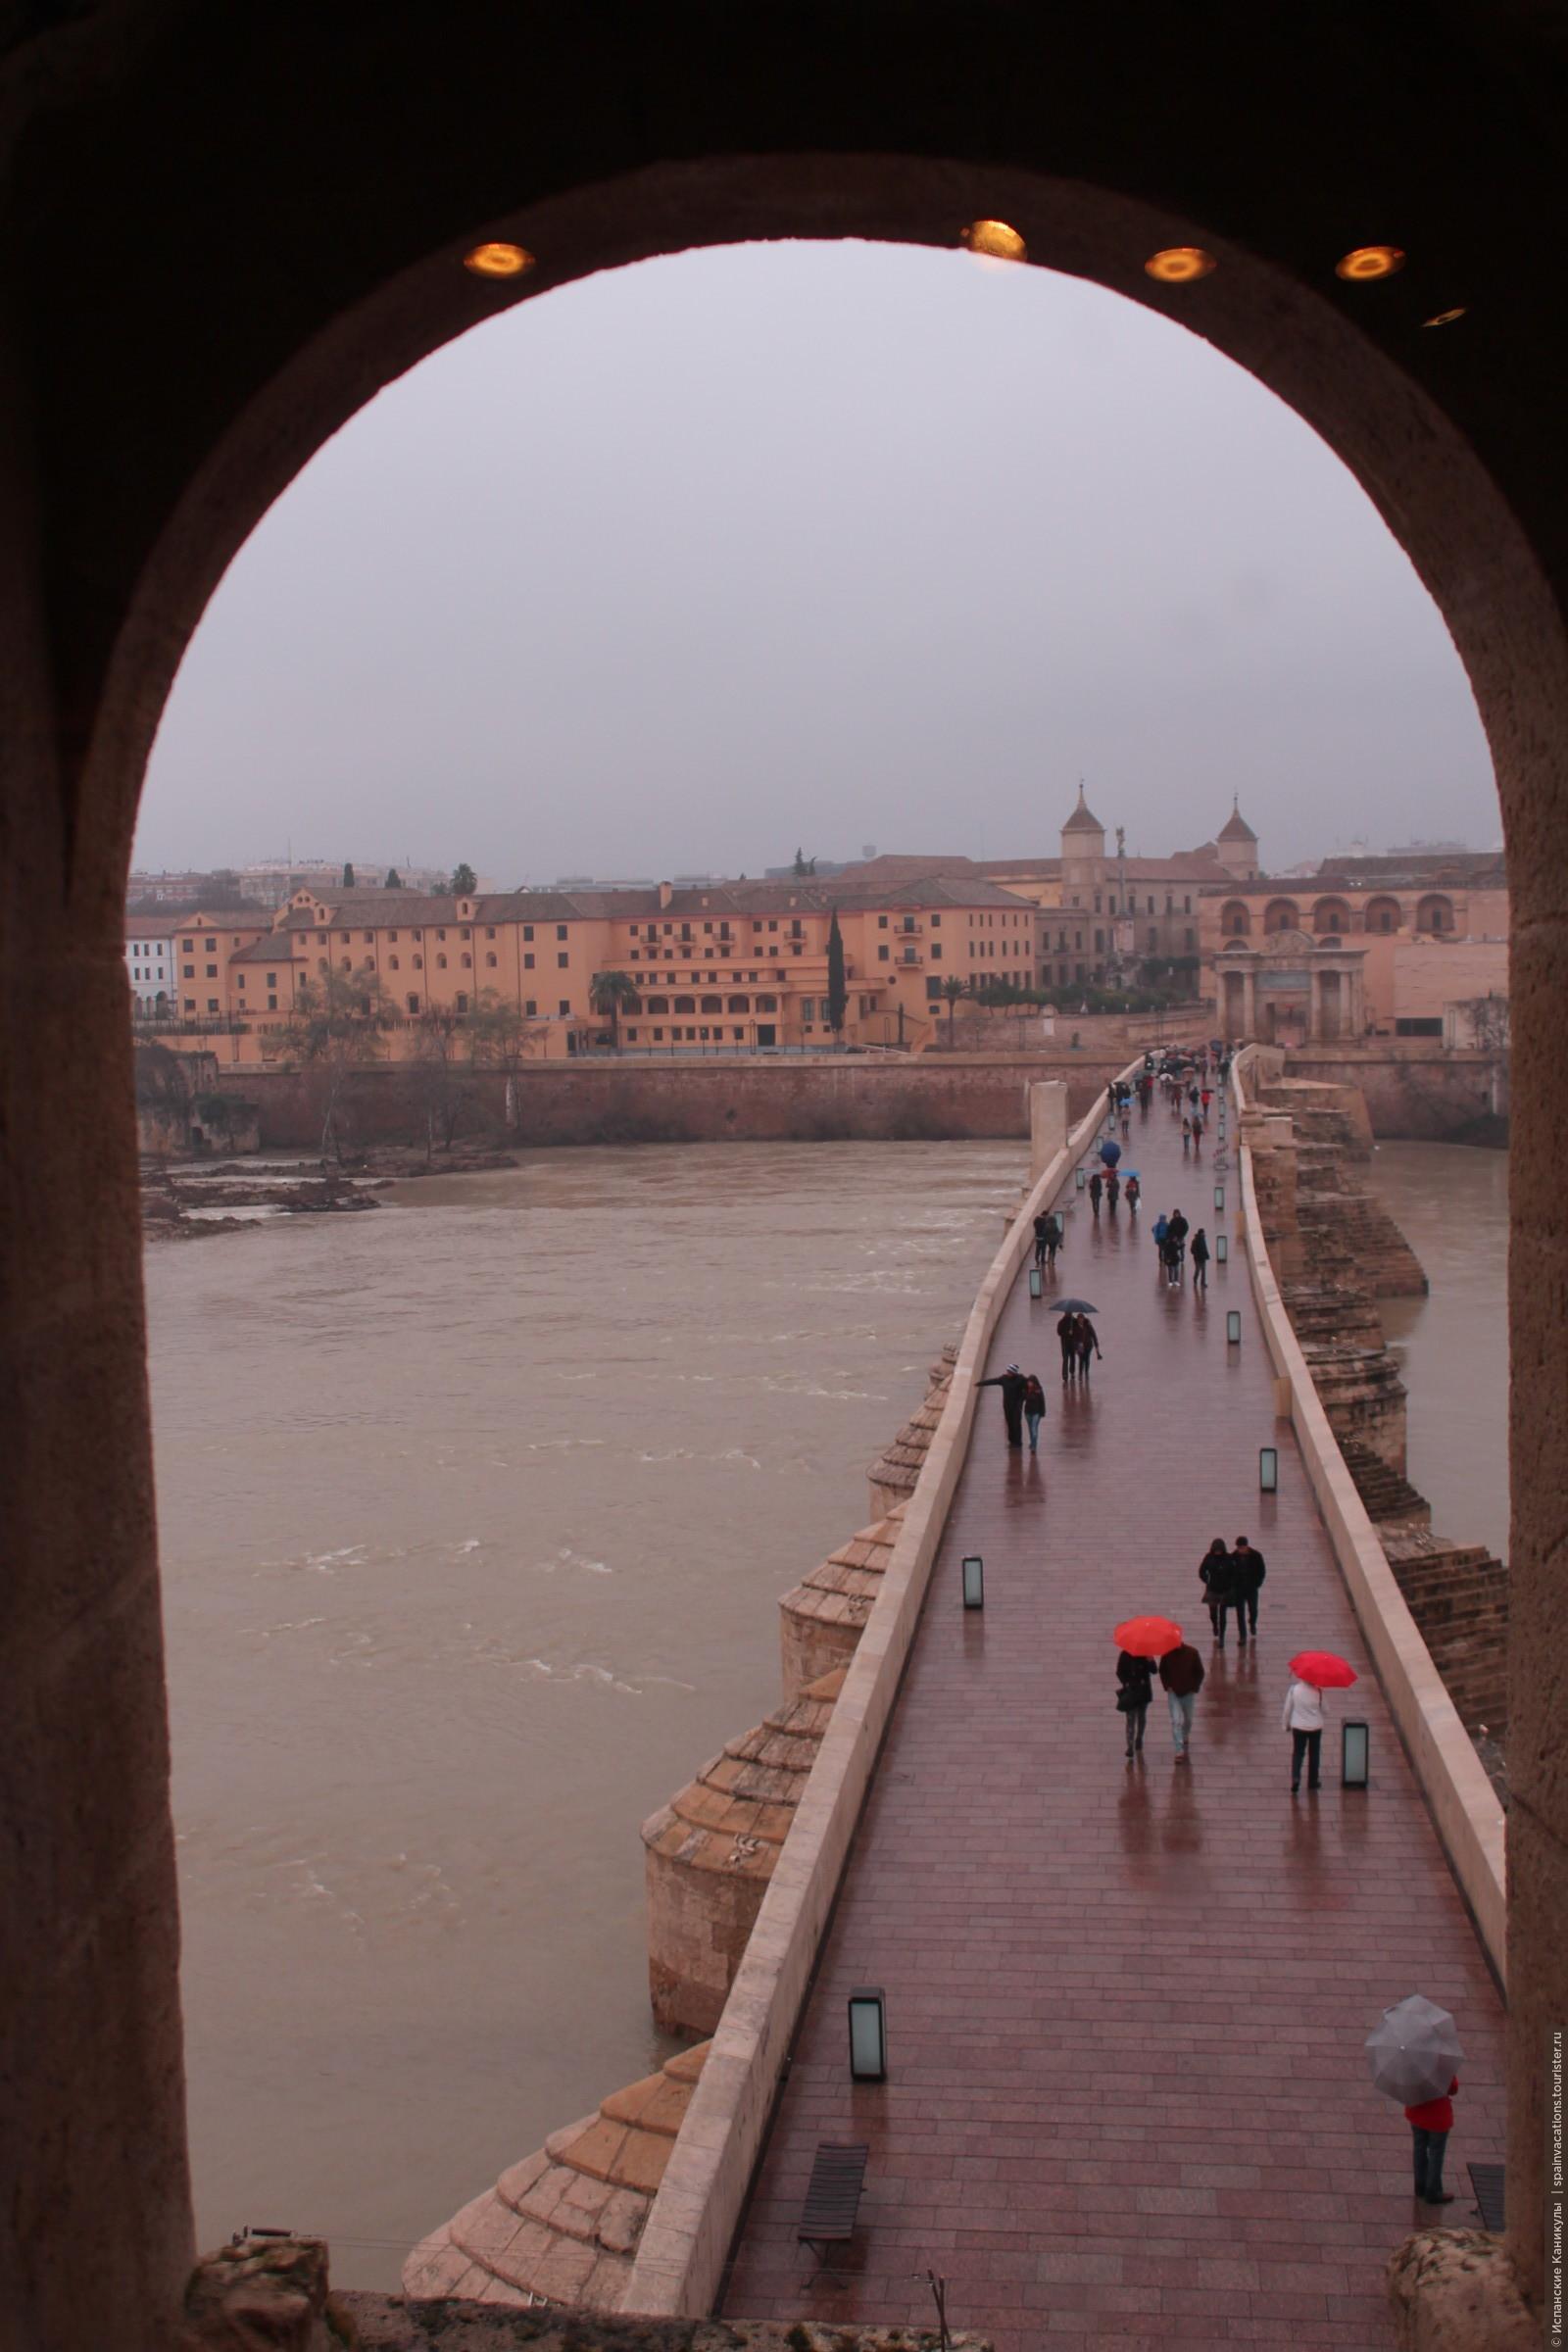 Знаменитый Римский мост в Кордобе. Местные жители наслаждаются дождиком и свежестью февраля. Летом здесь очень-очень жарко. , Кордова